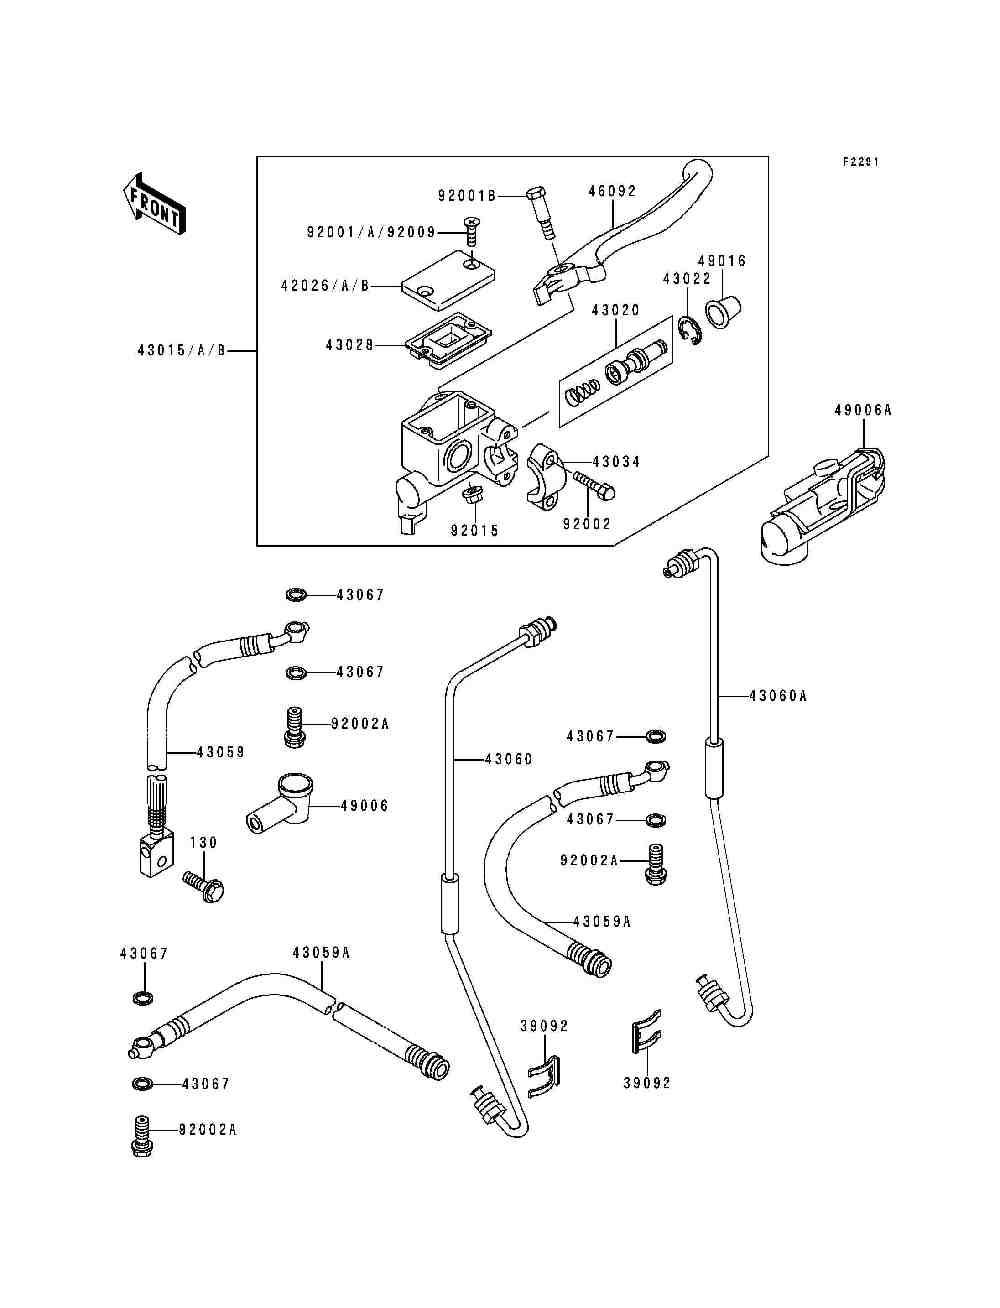 Запчасти на квадроциклы Kawasaki 1992 года Bayou 300 4X4 (KLF300-C4)